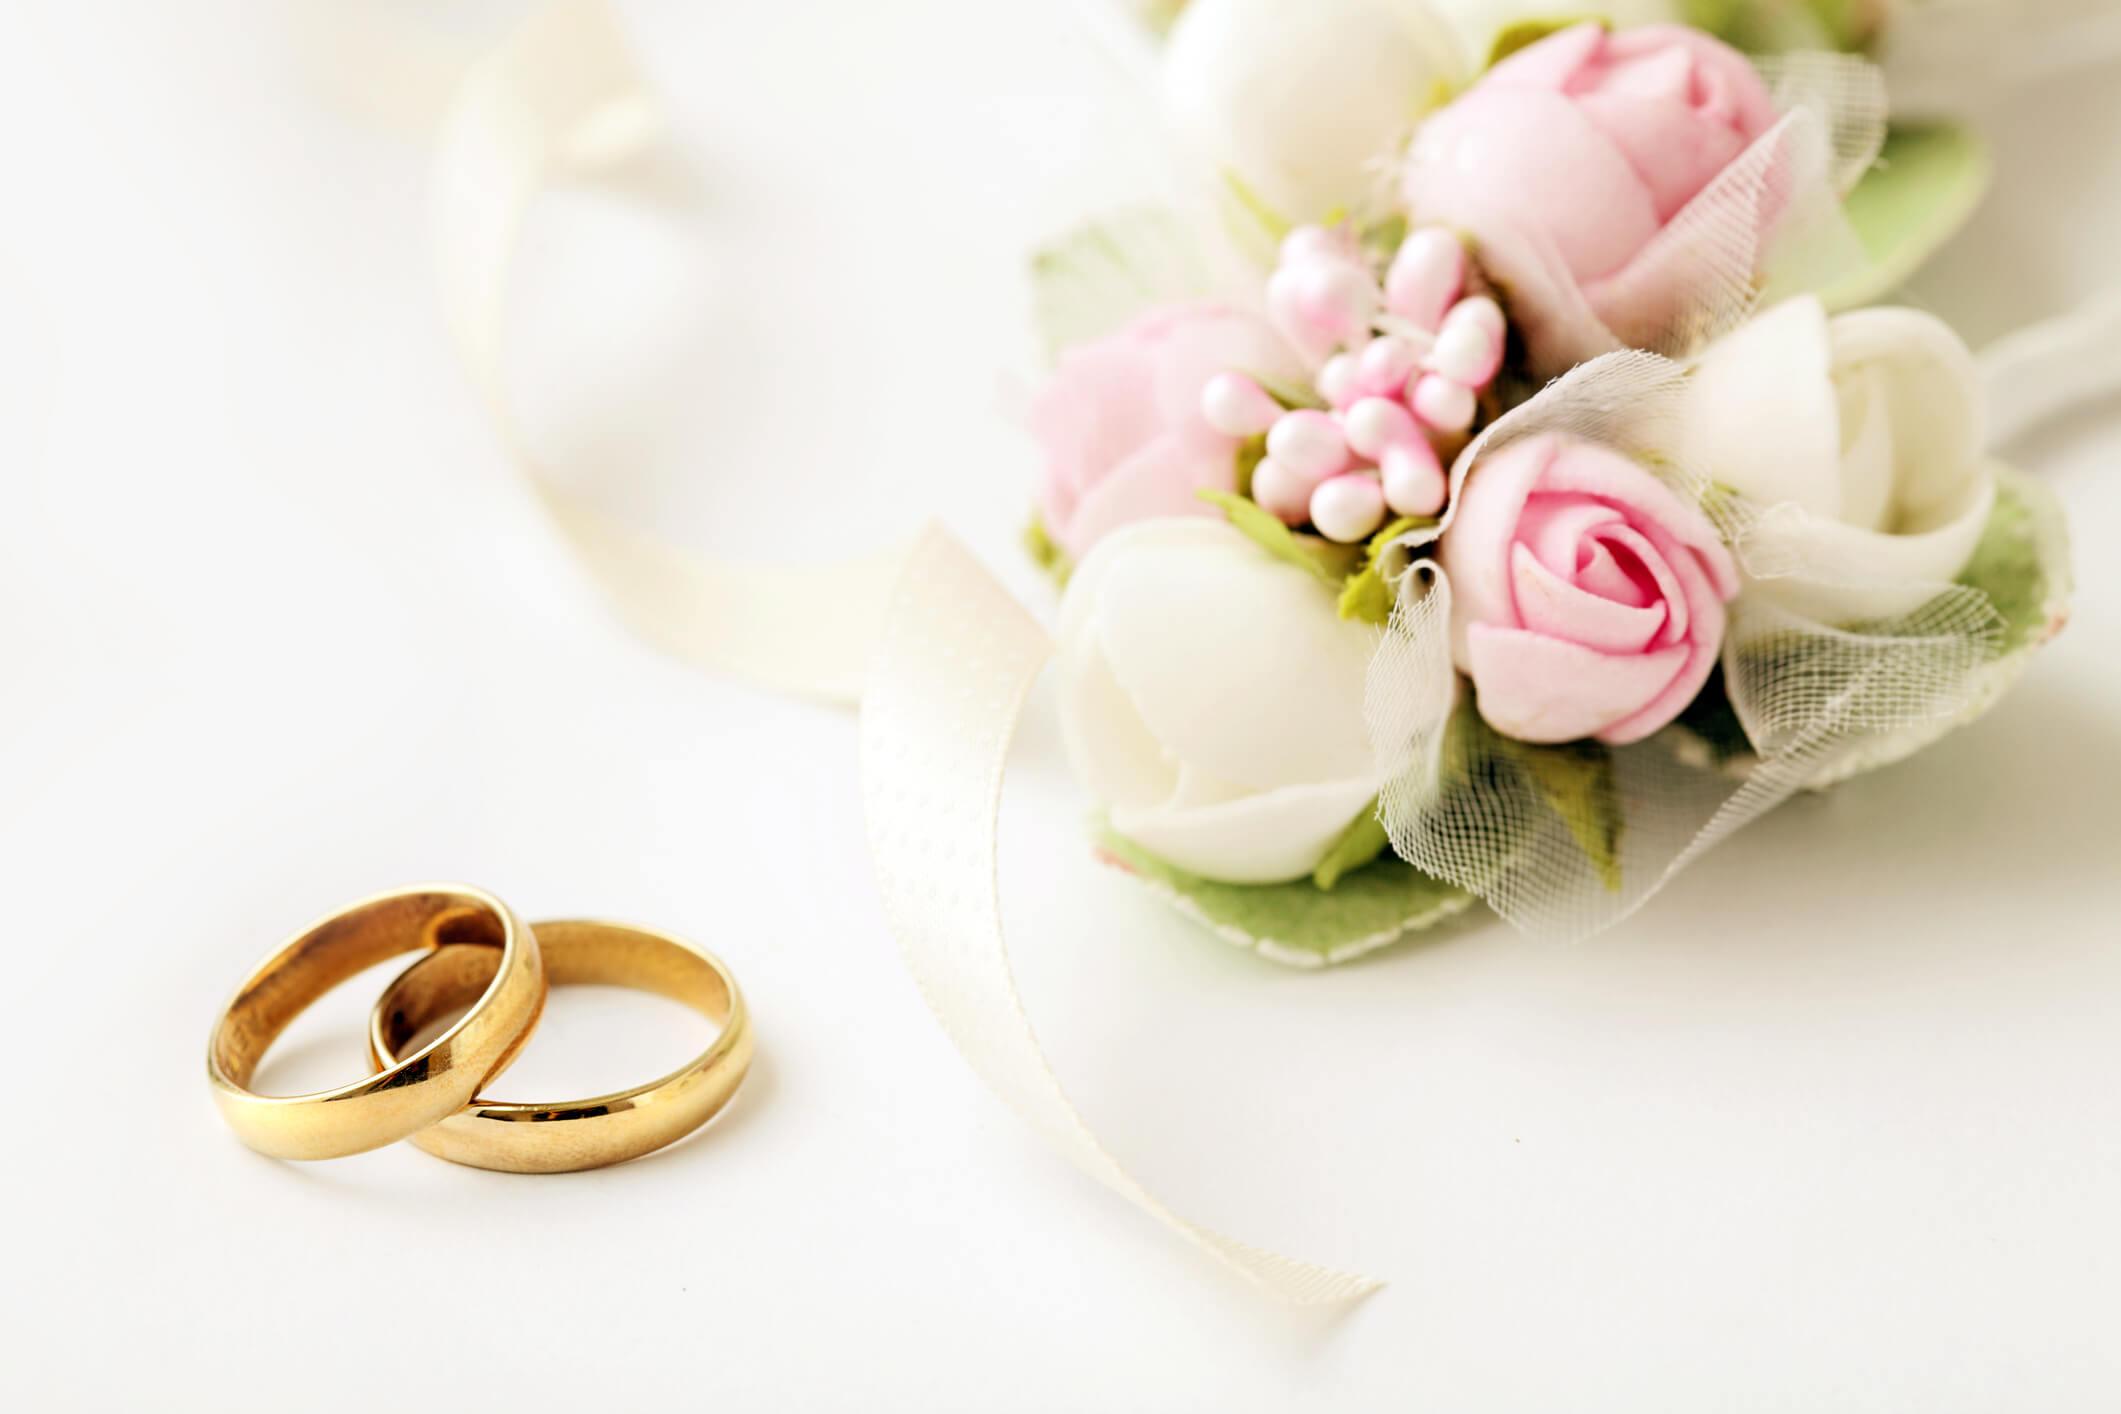 مهارت های لازم برای یک ازدواج موفق